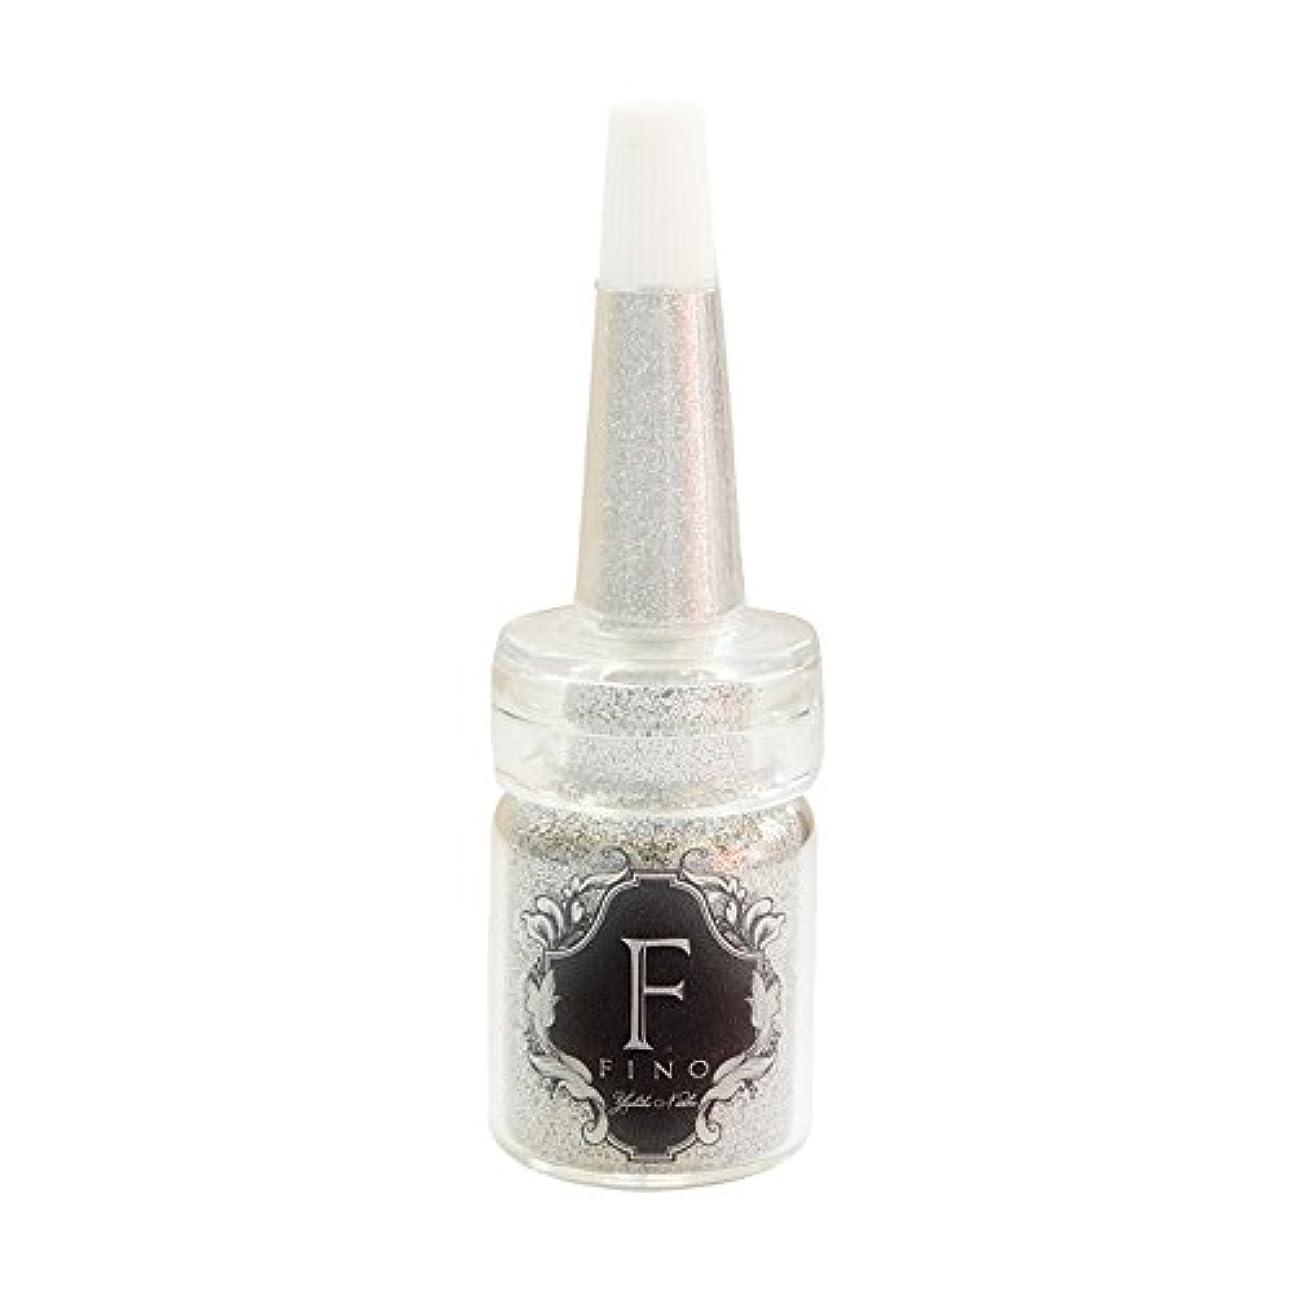 酸化物合法オフェンスBonnail Fino(フィノ)エクララメ ファインシルバー 5g